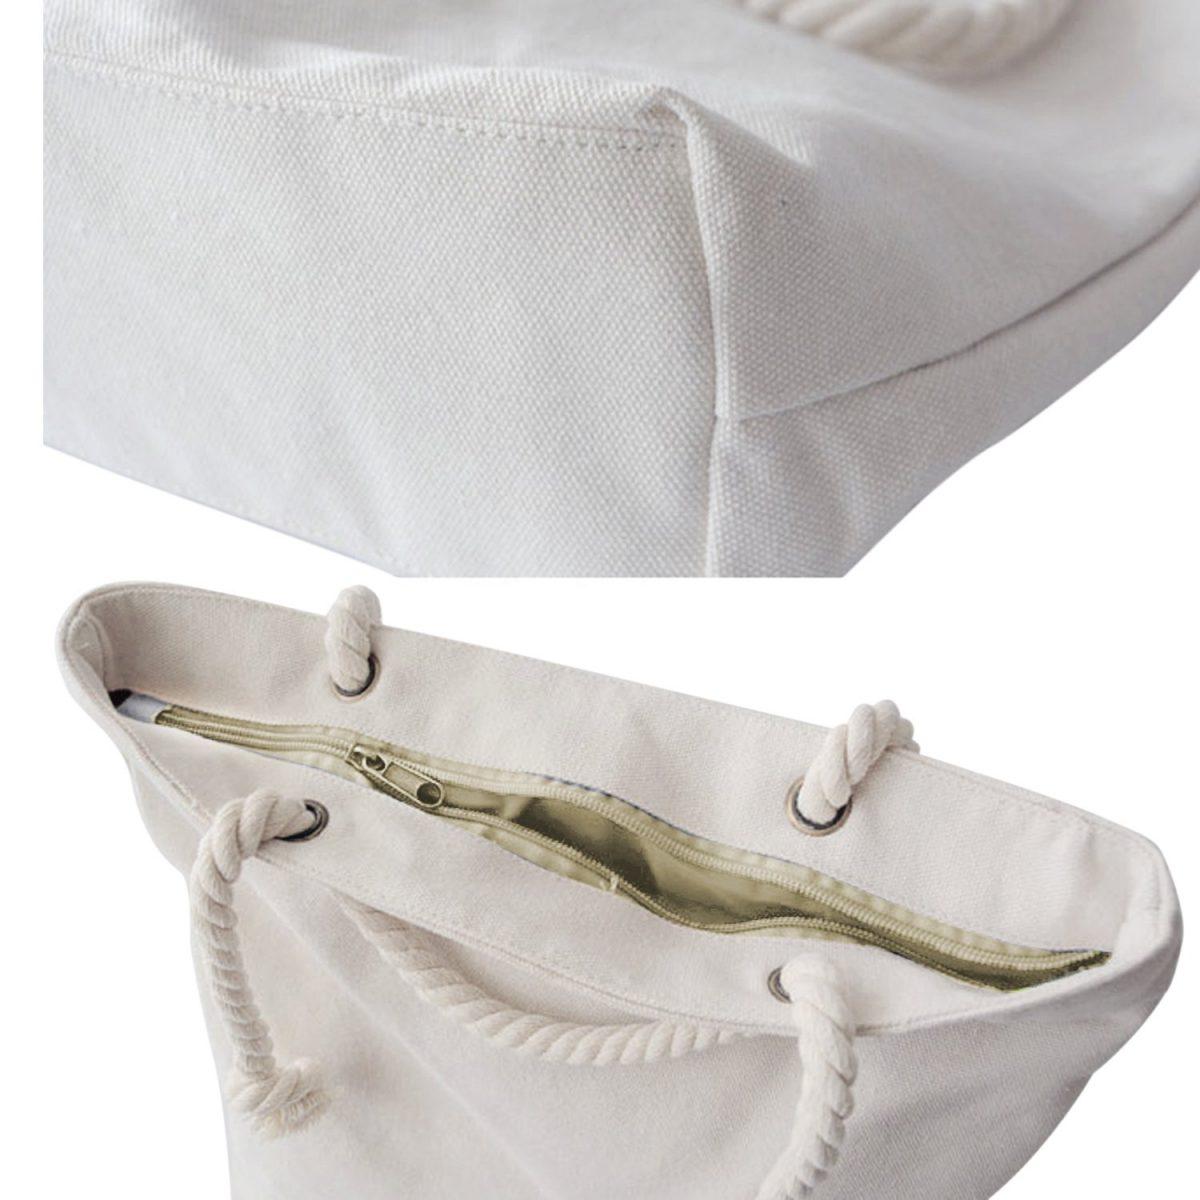 Kavaniçe Bal Peteği Desenli Modern Dijital Baskılı Fermuarlı Kumaş Çanta Realhomes